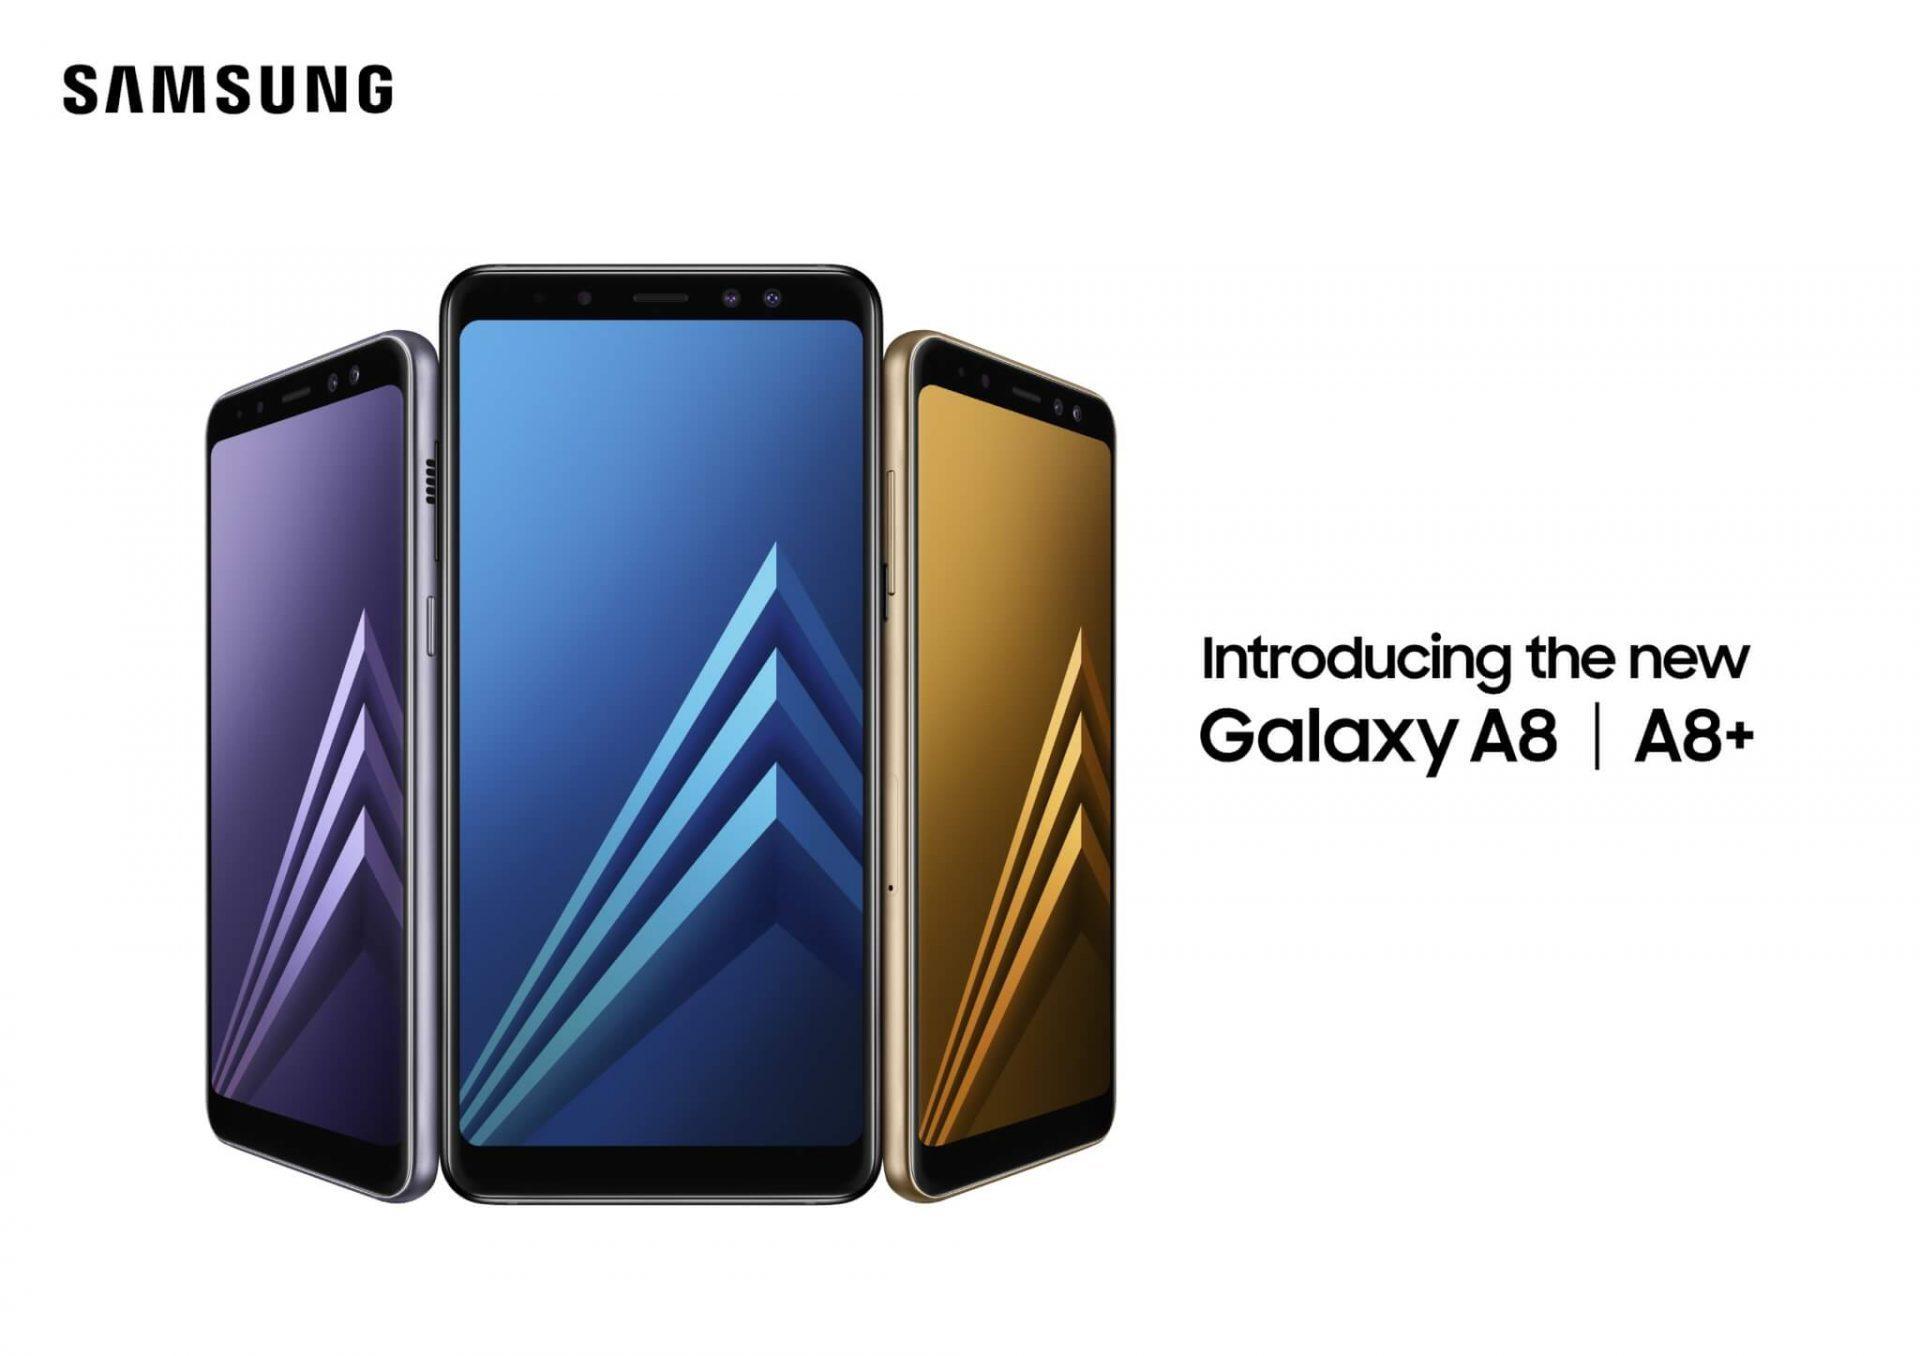 Samsung galaxy a8 e a8 podem te ajudar a alcançar uma vida mais saudável